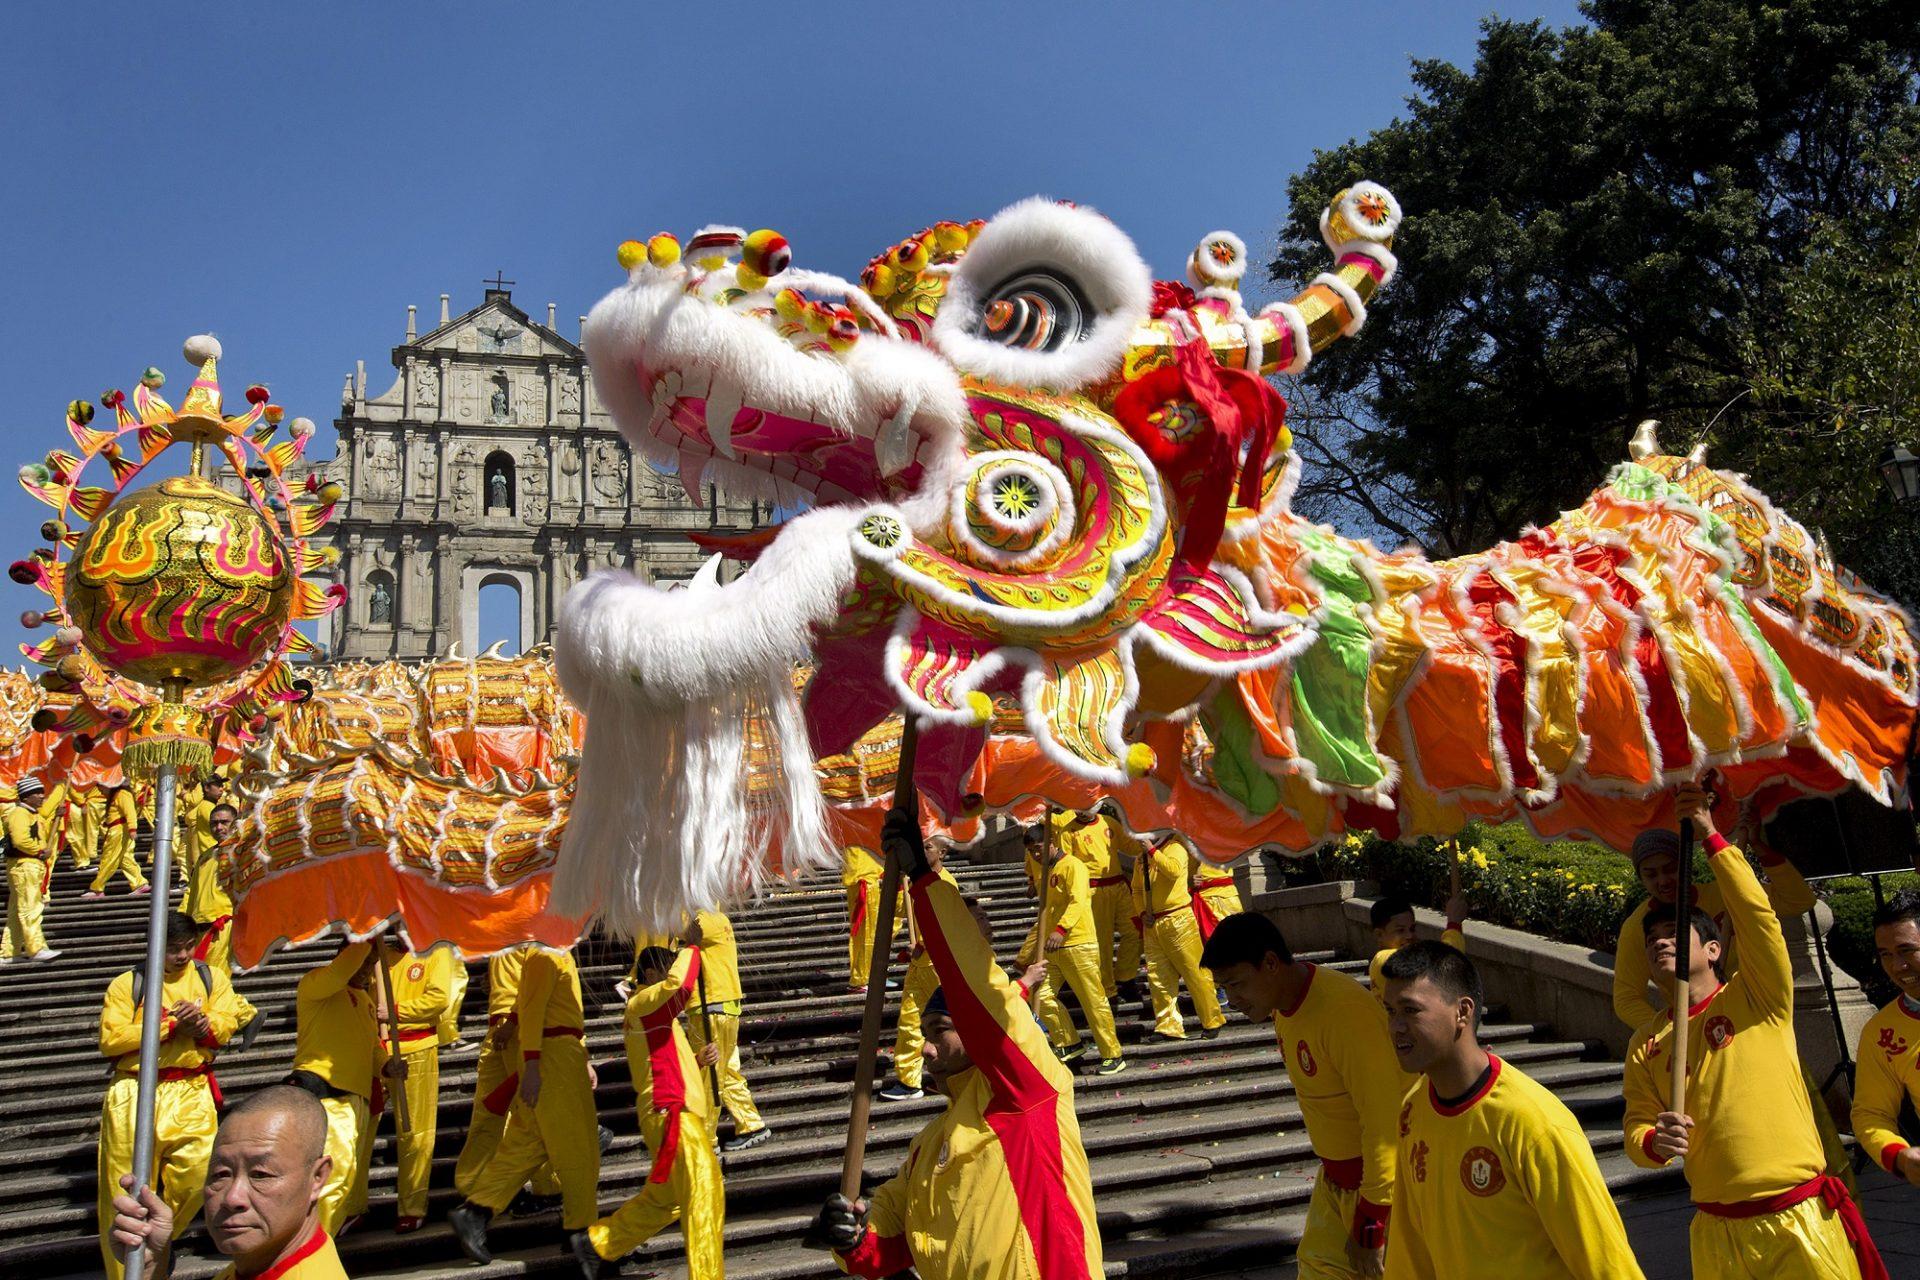 Celebra-se hoje a entrada do novo Ano do Macaco do calendário chinês, em Macau, 8 de fevereiro de 2016. O dragão dourado, com 238 metros de comprimento, que anualmente dá as boas vindas ao novo ano chinês mais uma vez partiu das Ruinas de S. Paulo e desfilou pelas ruas do território passando por vários locais históricos de Macau. CARMO CORREIA/LUSA